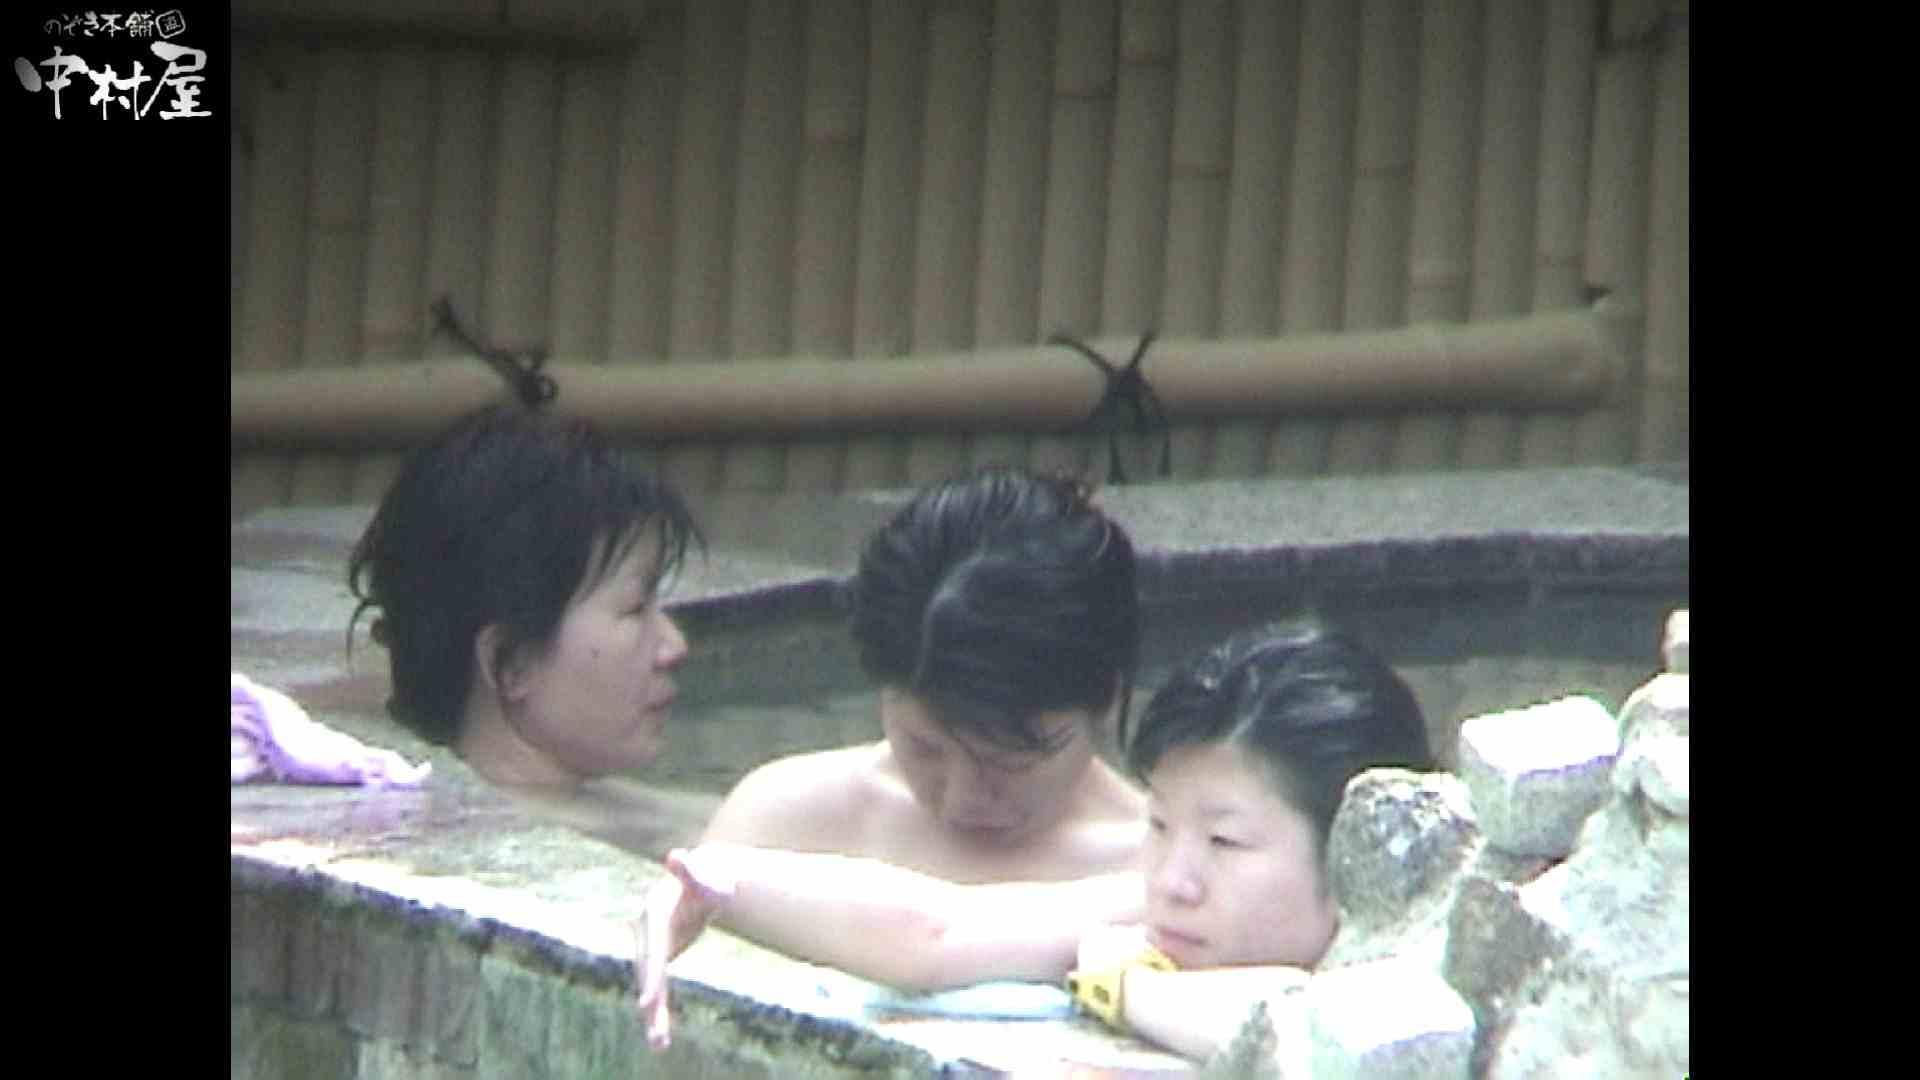 Aquaな露天風呂Vol.936 盗撮  75画像 48